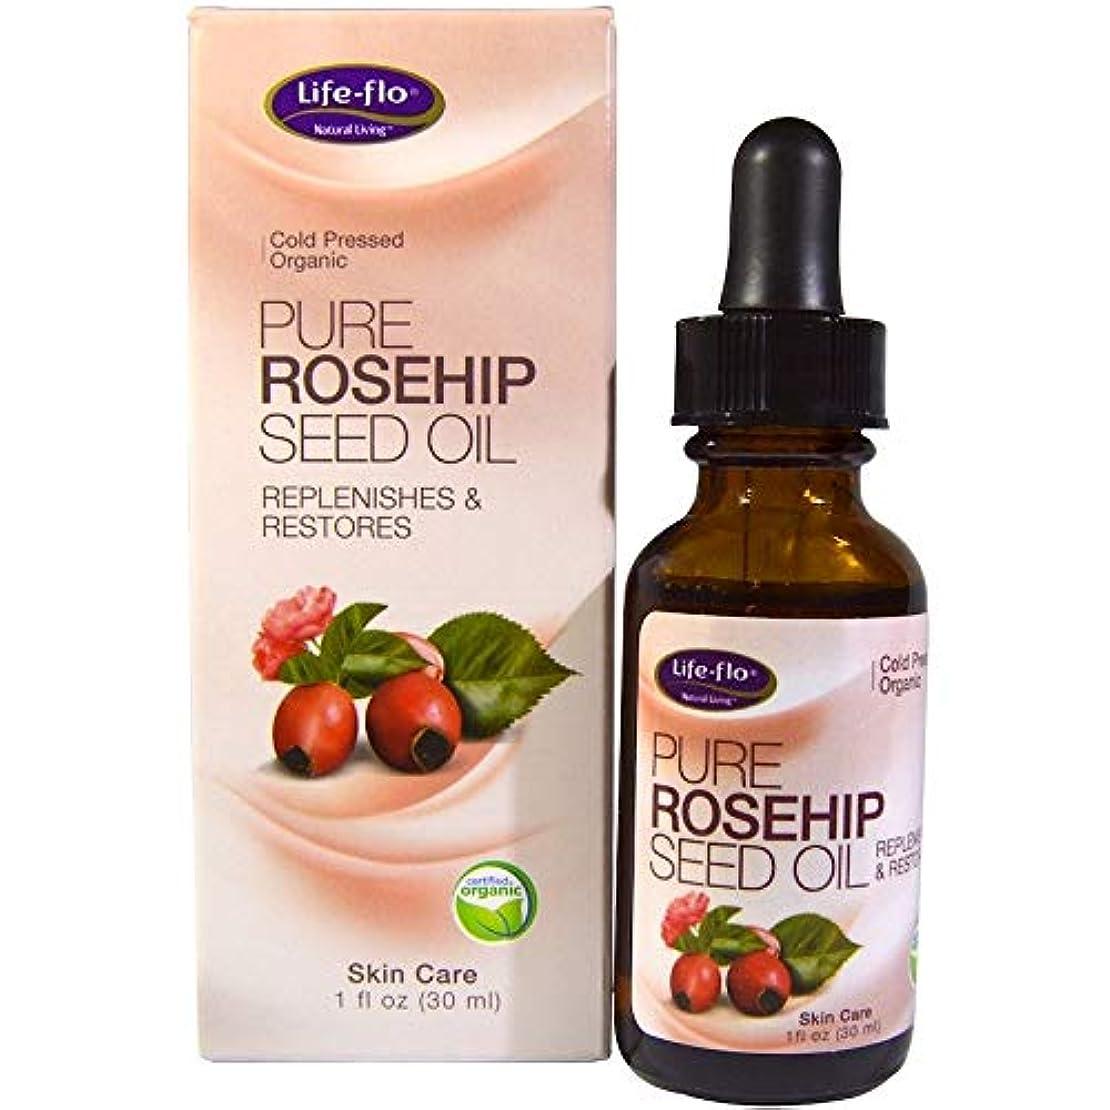 バラバラにするジョリーアメリカ[並行輸入品] Life-Flo Pure Rosehip Seed Oil, 1 oz x 2パック